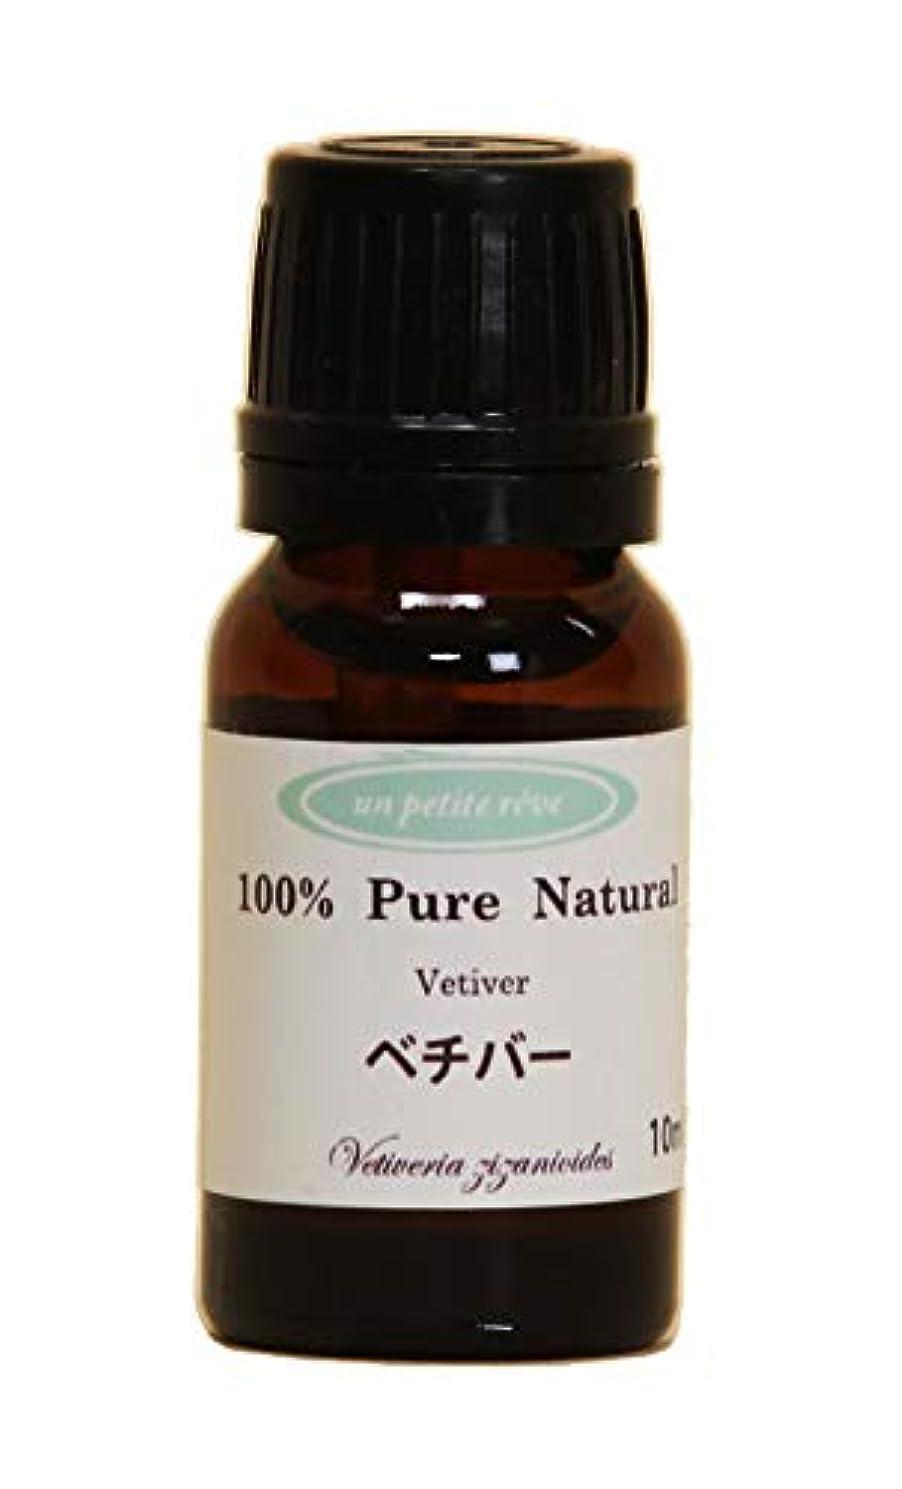 謙虚な五拮抗ベチバー 10ml 100%天然アロマエッセンシャルオイル(精油)